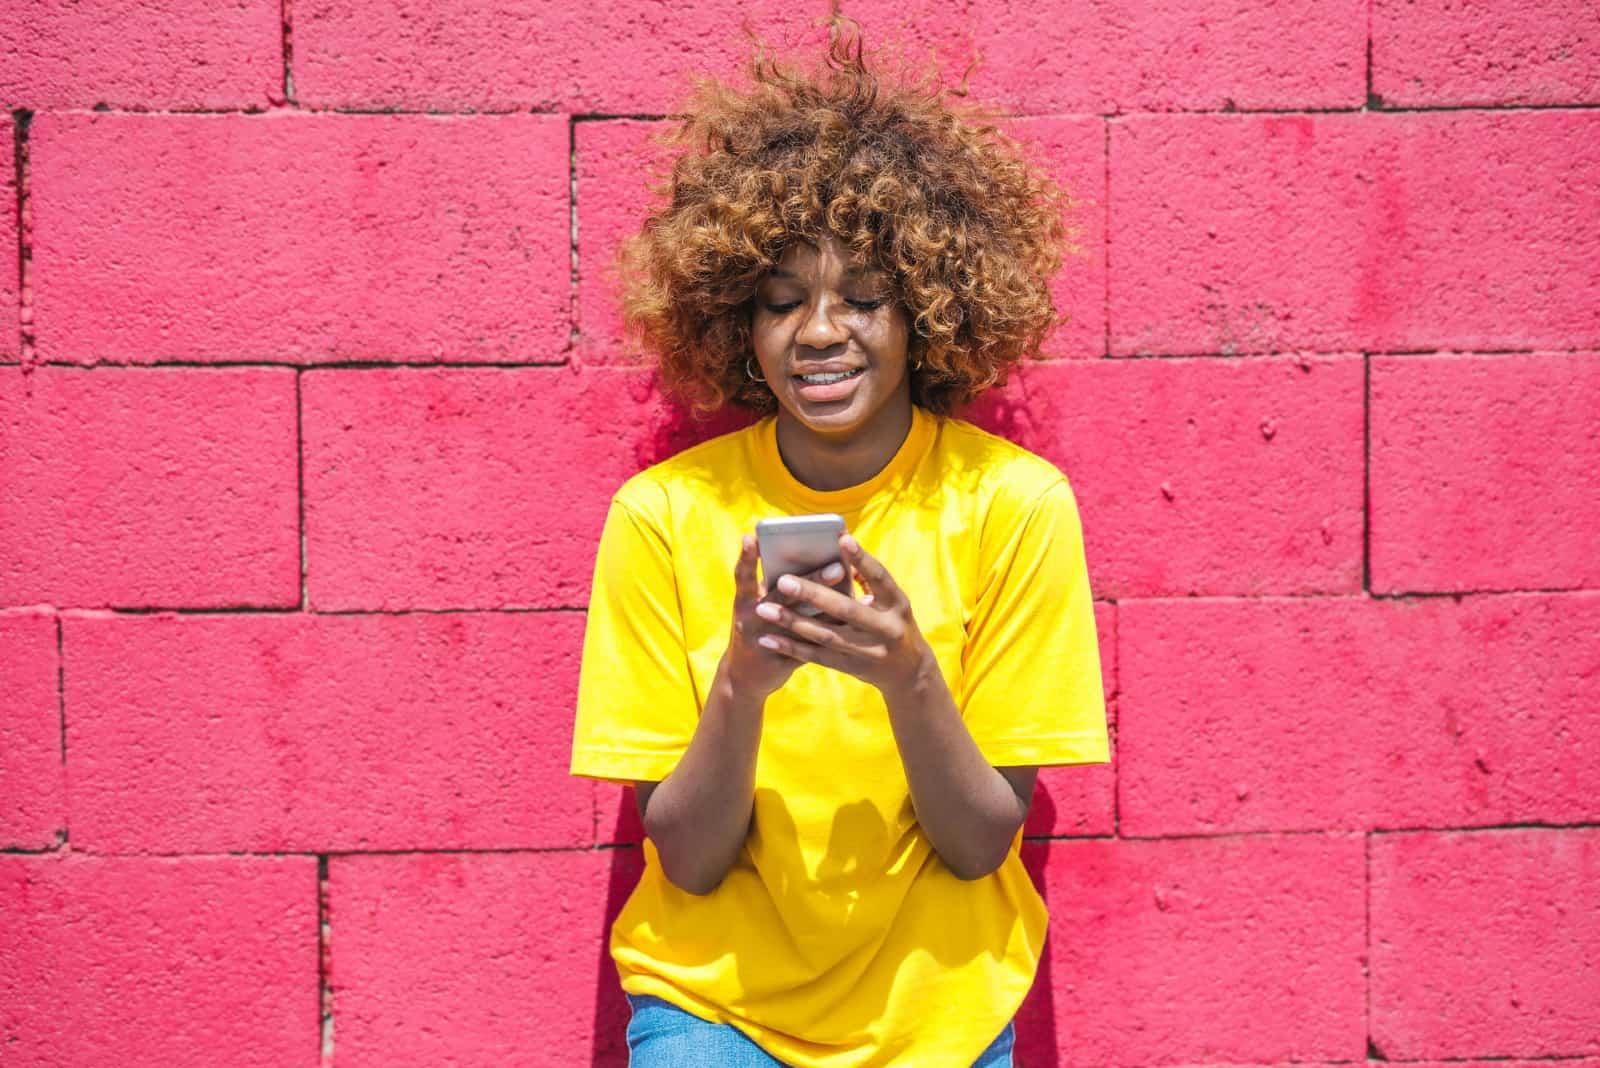 femme heureuse en t-shirt jaune debout près d'un mur